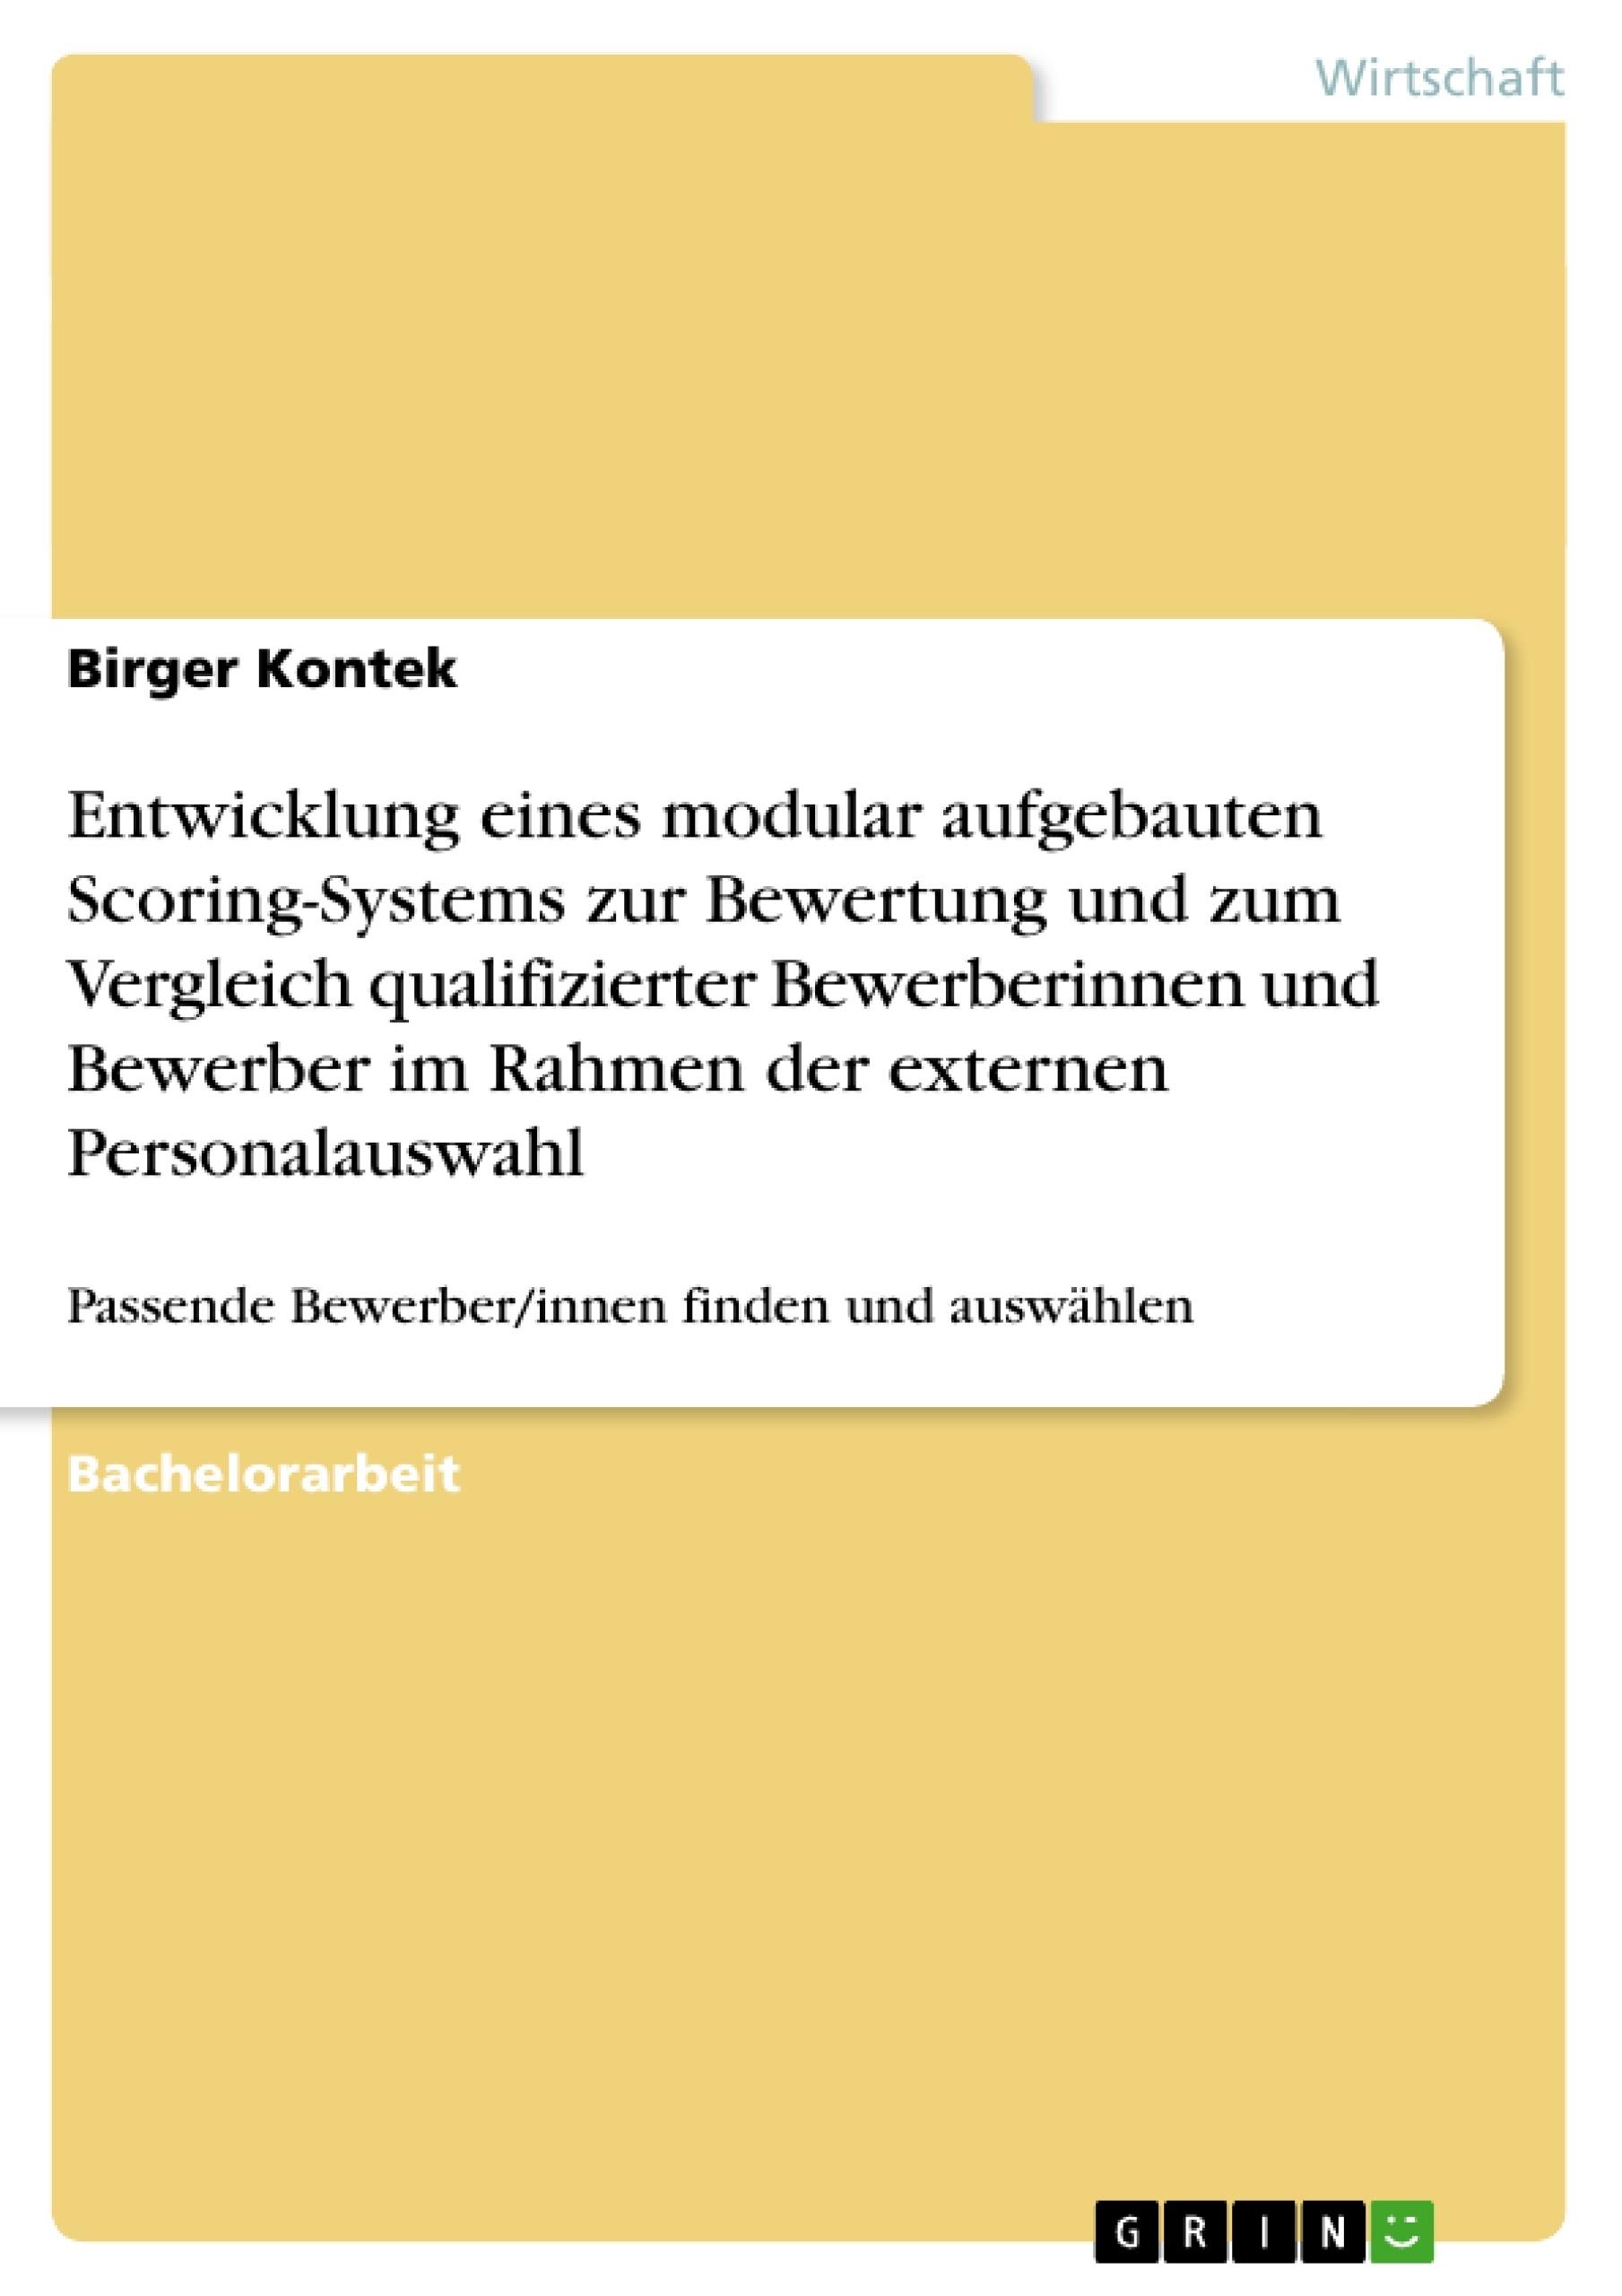 Titel: Entwicklung eines modular aufgebauten Scoring-Systems zur Bewertung und zum Vergleich qualifizierter Bewerberinnen und Bewerber im Rahmen der externen Personalauswahl